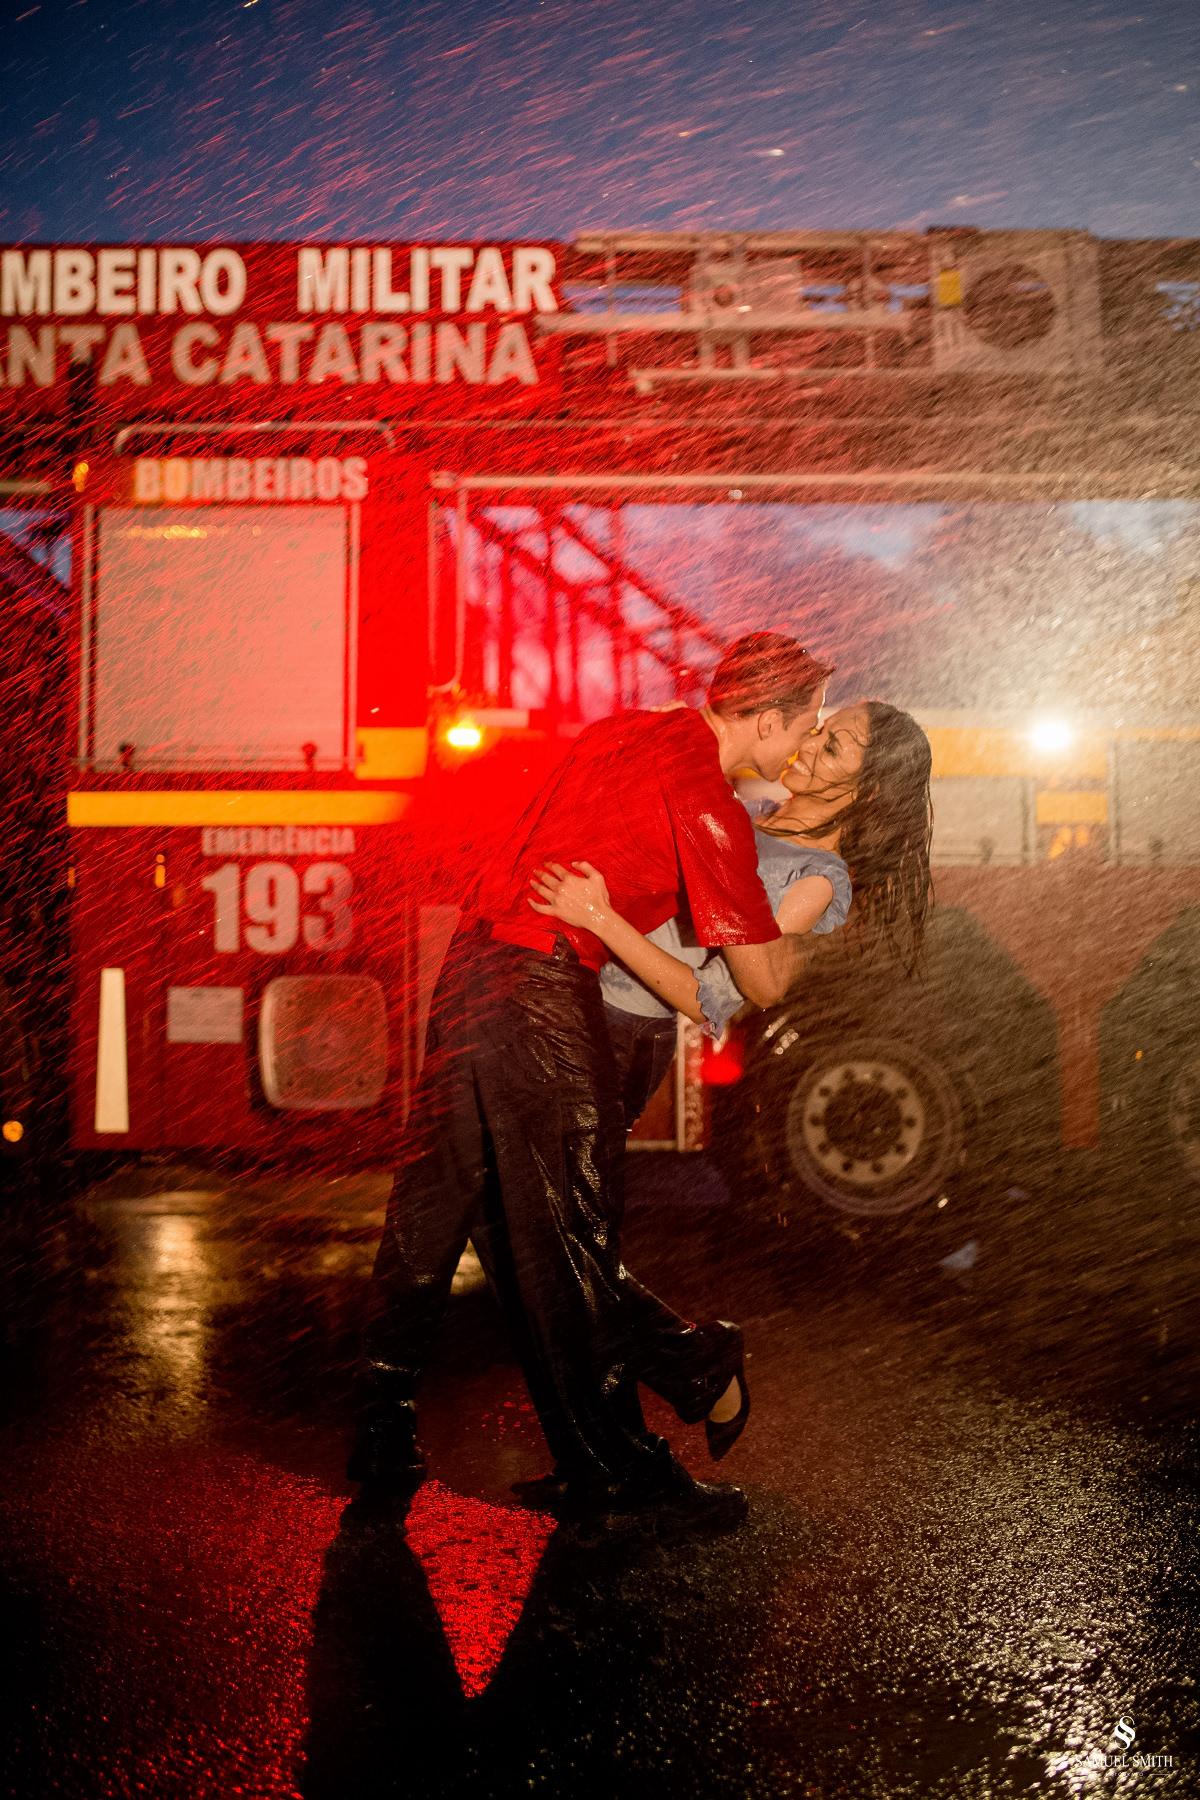 ensaio - fotográfico - book - pré casamento - pré wedding - florianópolis sc - fotógrafo - fotos - bombeiro militar (56)